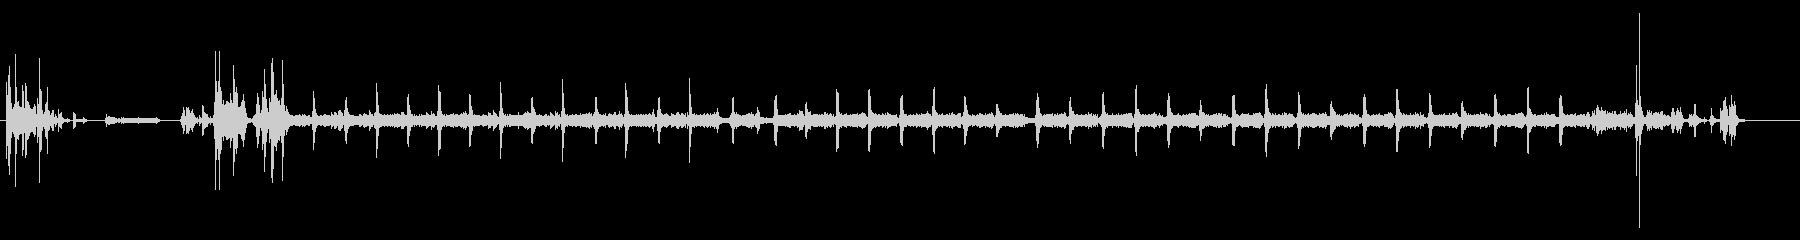 プリンター02-03(印刷 カラー)の未再生の波形